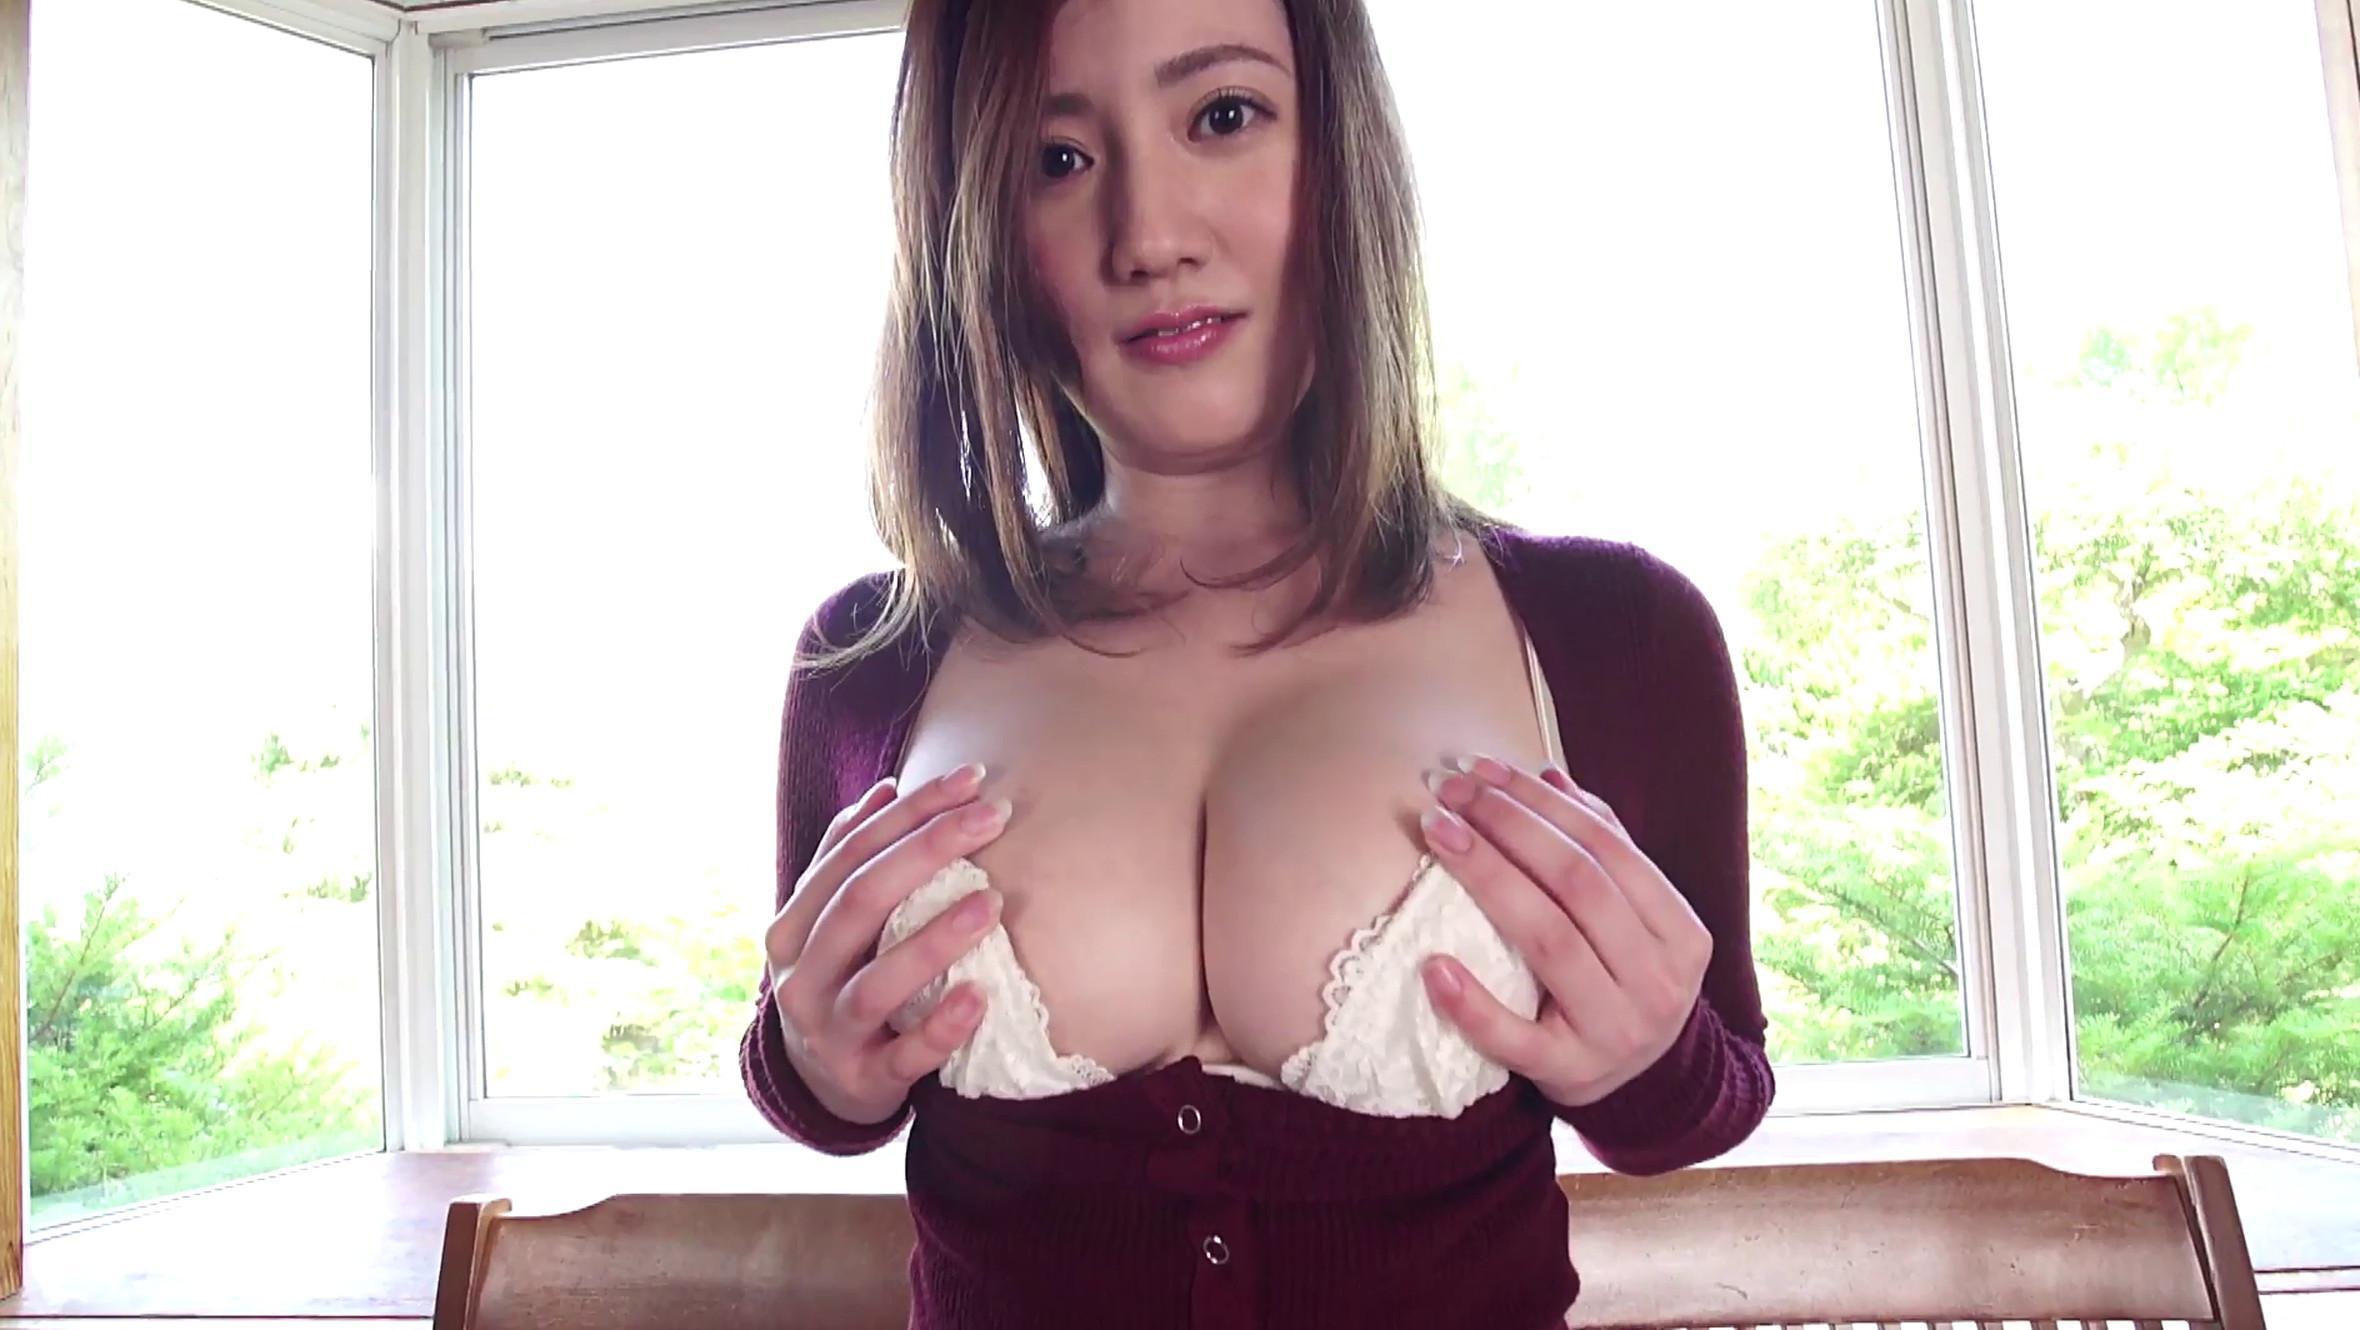 グラドルの草野綾ちゃんが白下着で87cmのGカップ巨乳を披露している画像